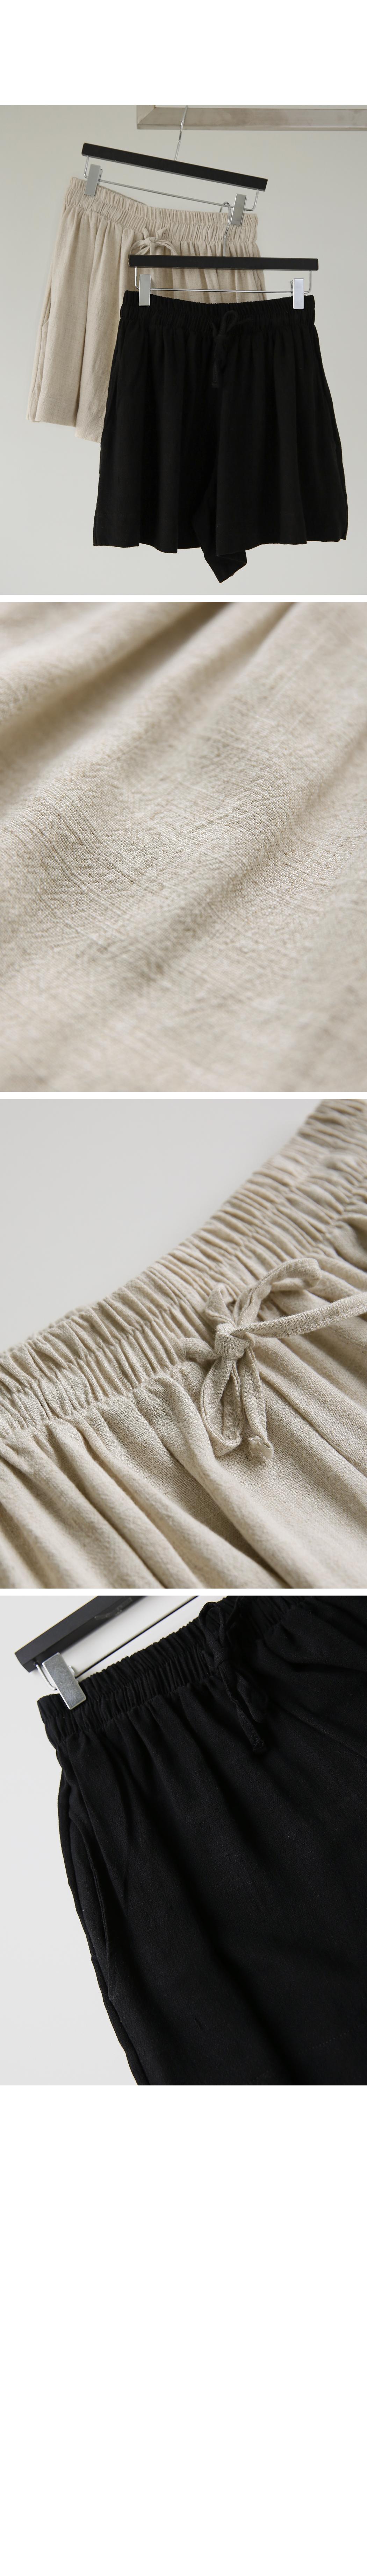 Linen flare skirt pants